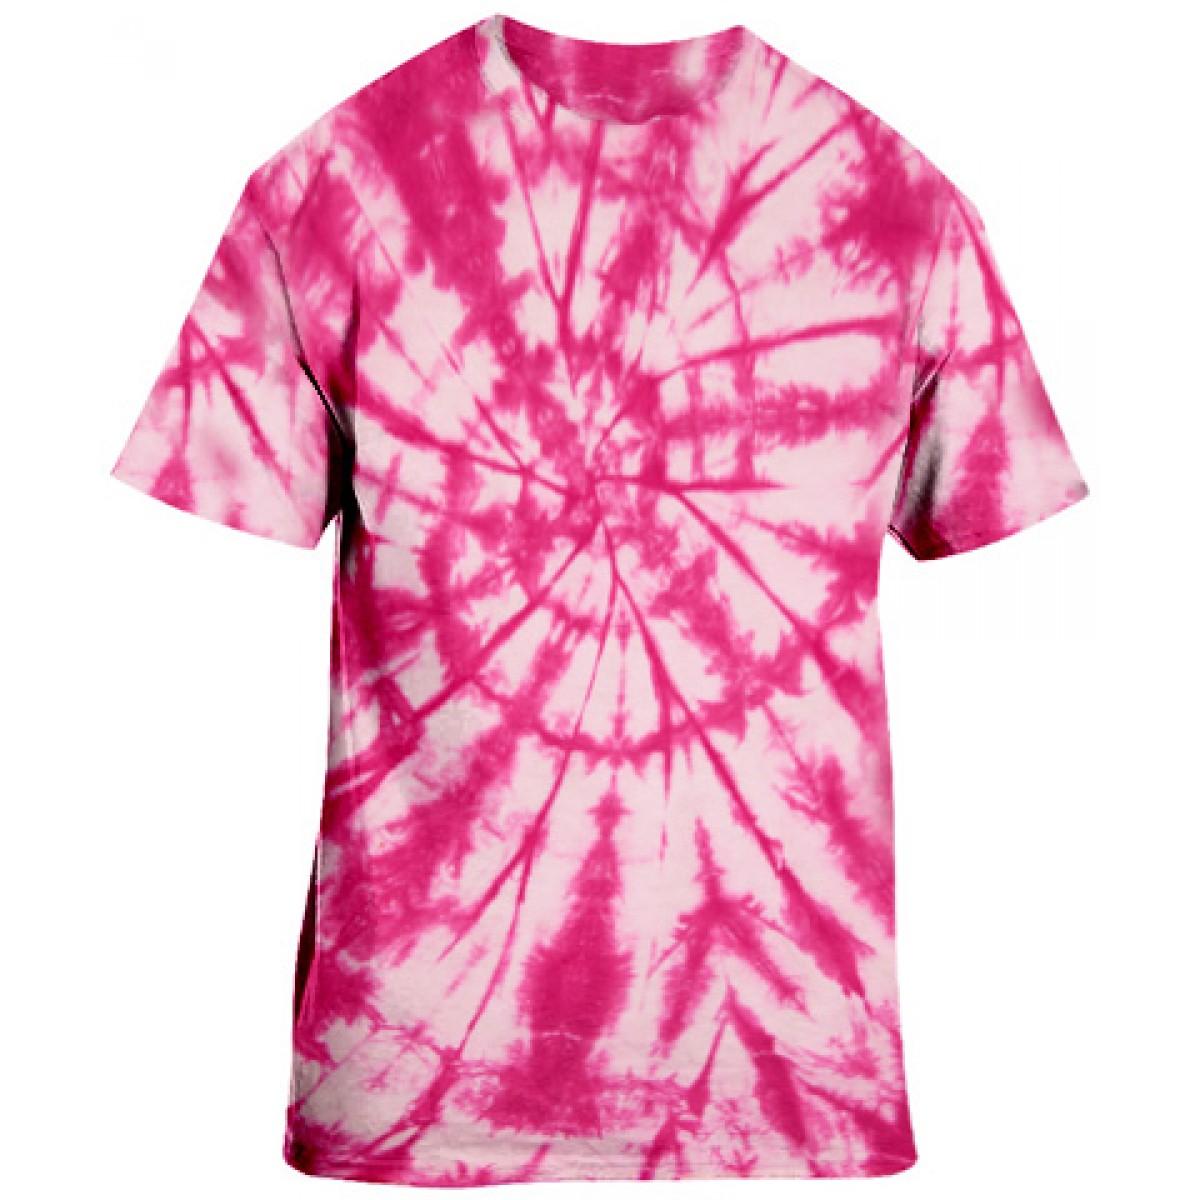 Pink Tie-Dye S/S Tee -Pink-YS